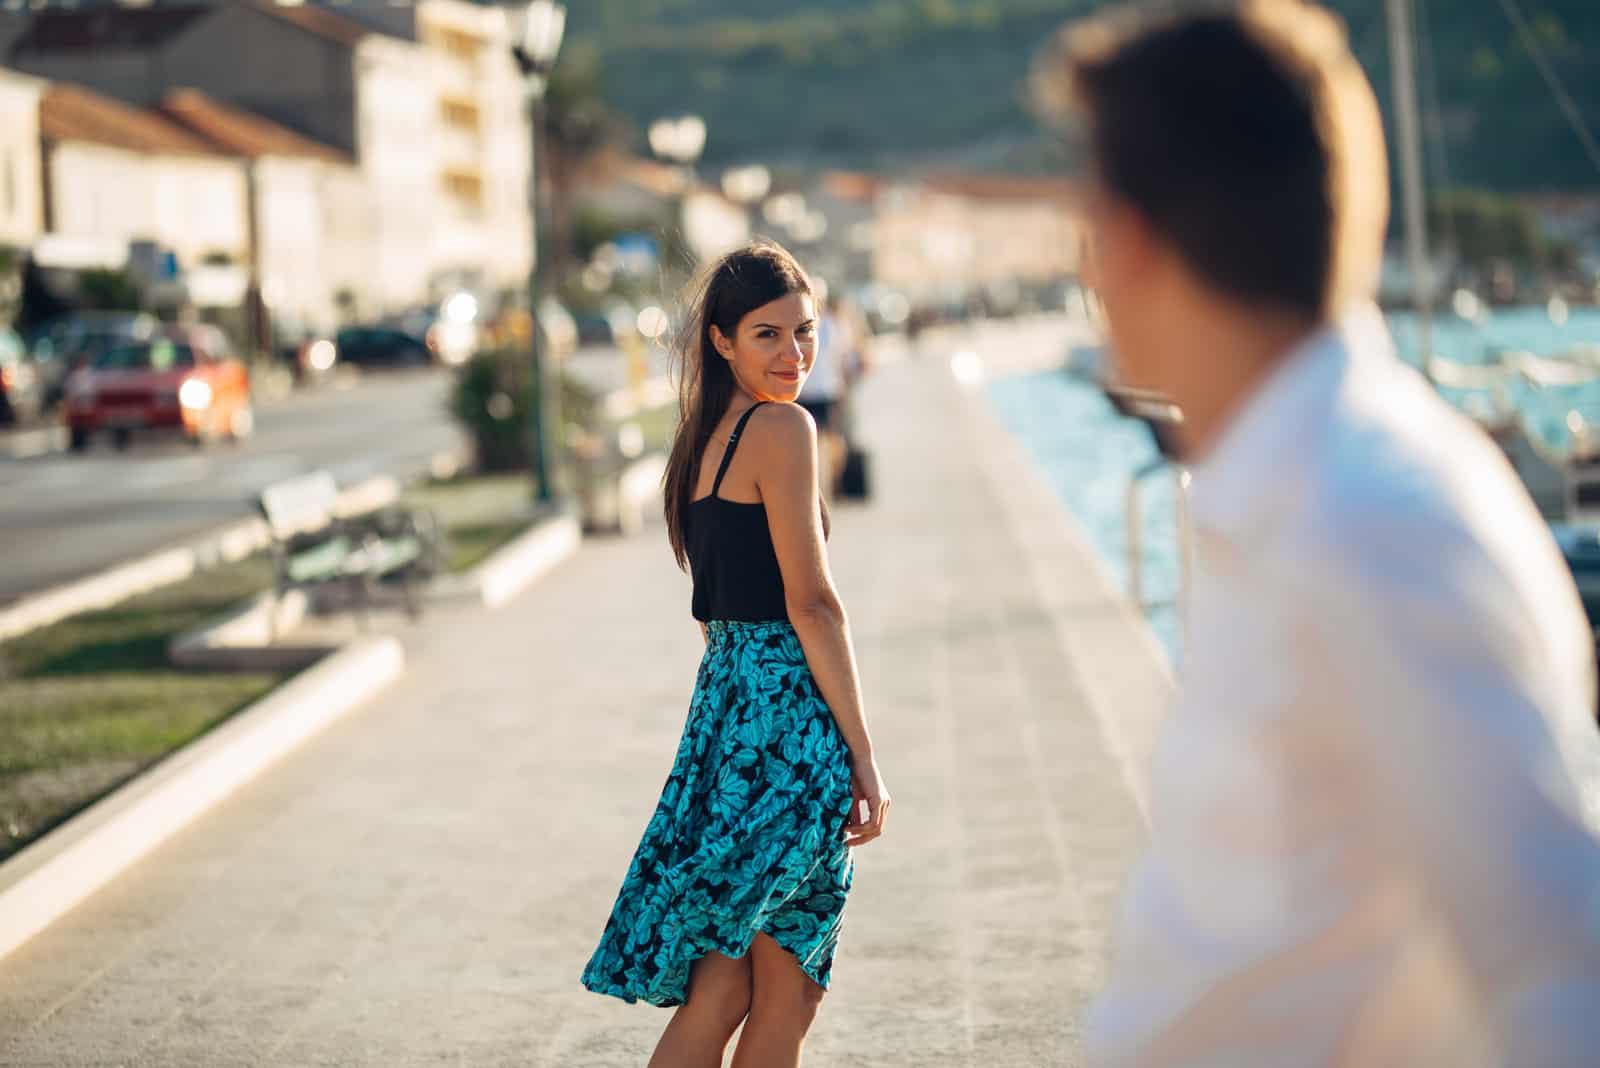 Ung attraktiv kvinna som flörtar med en man på gatan